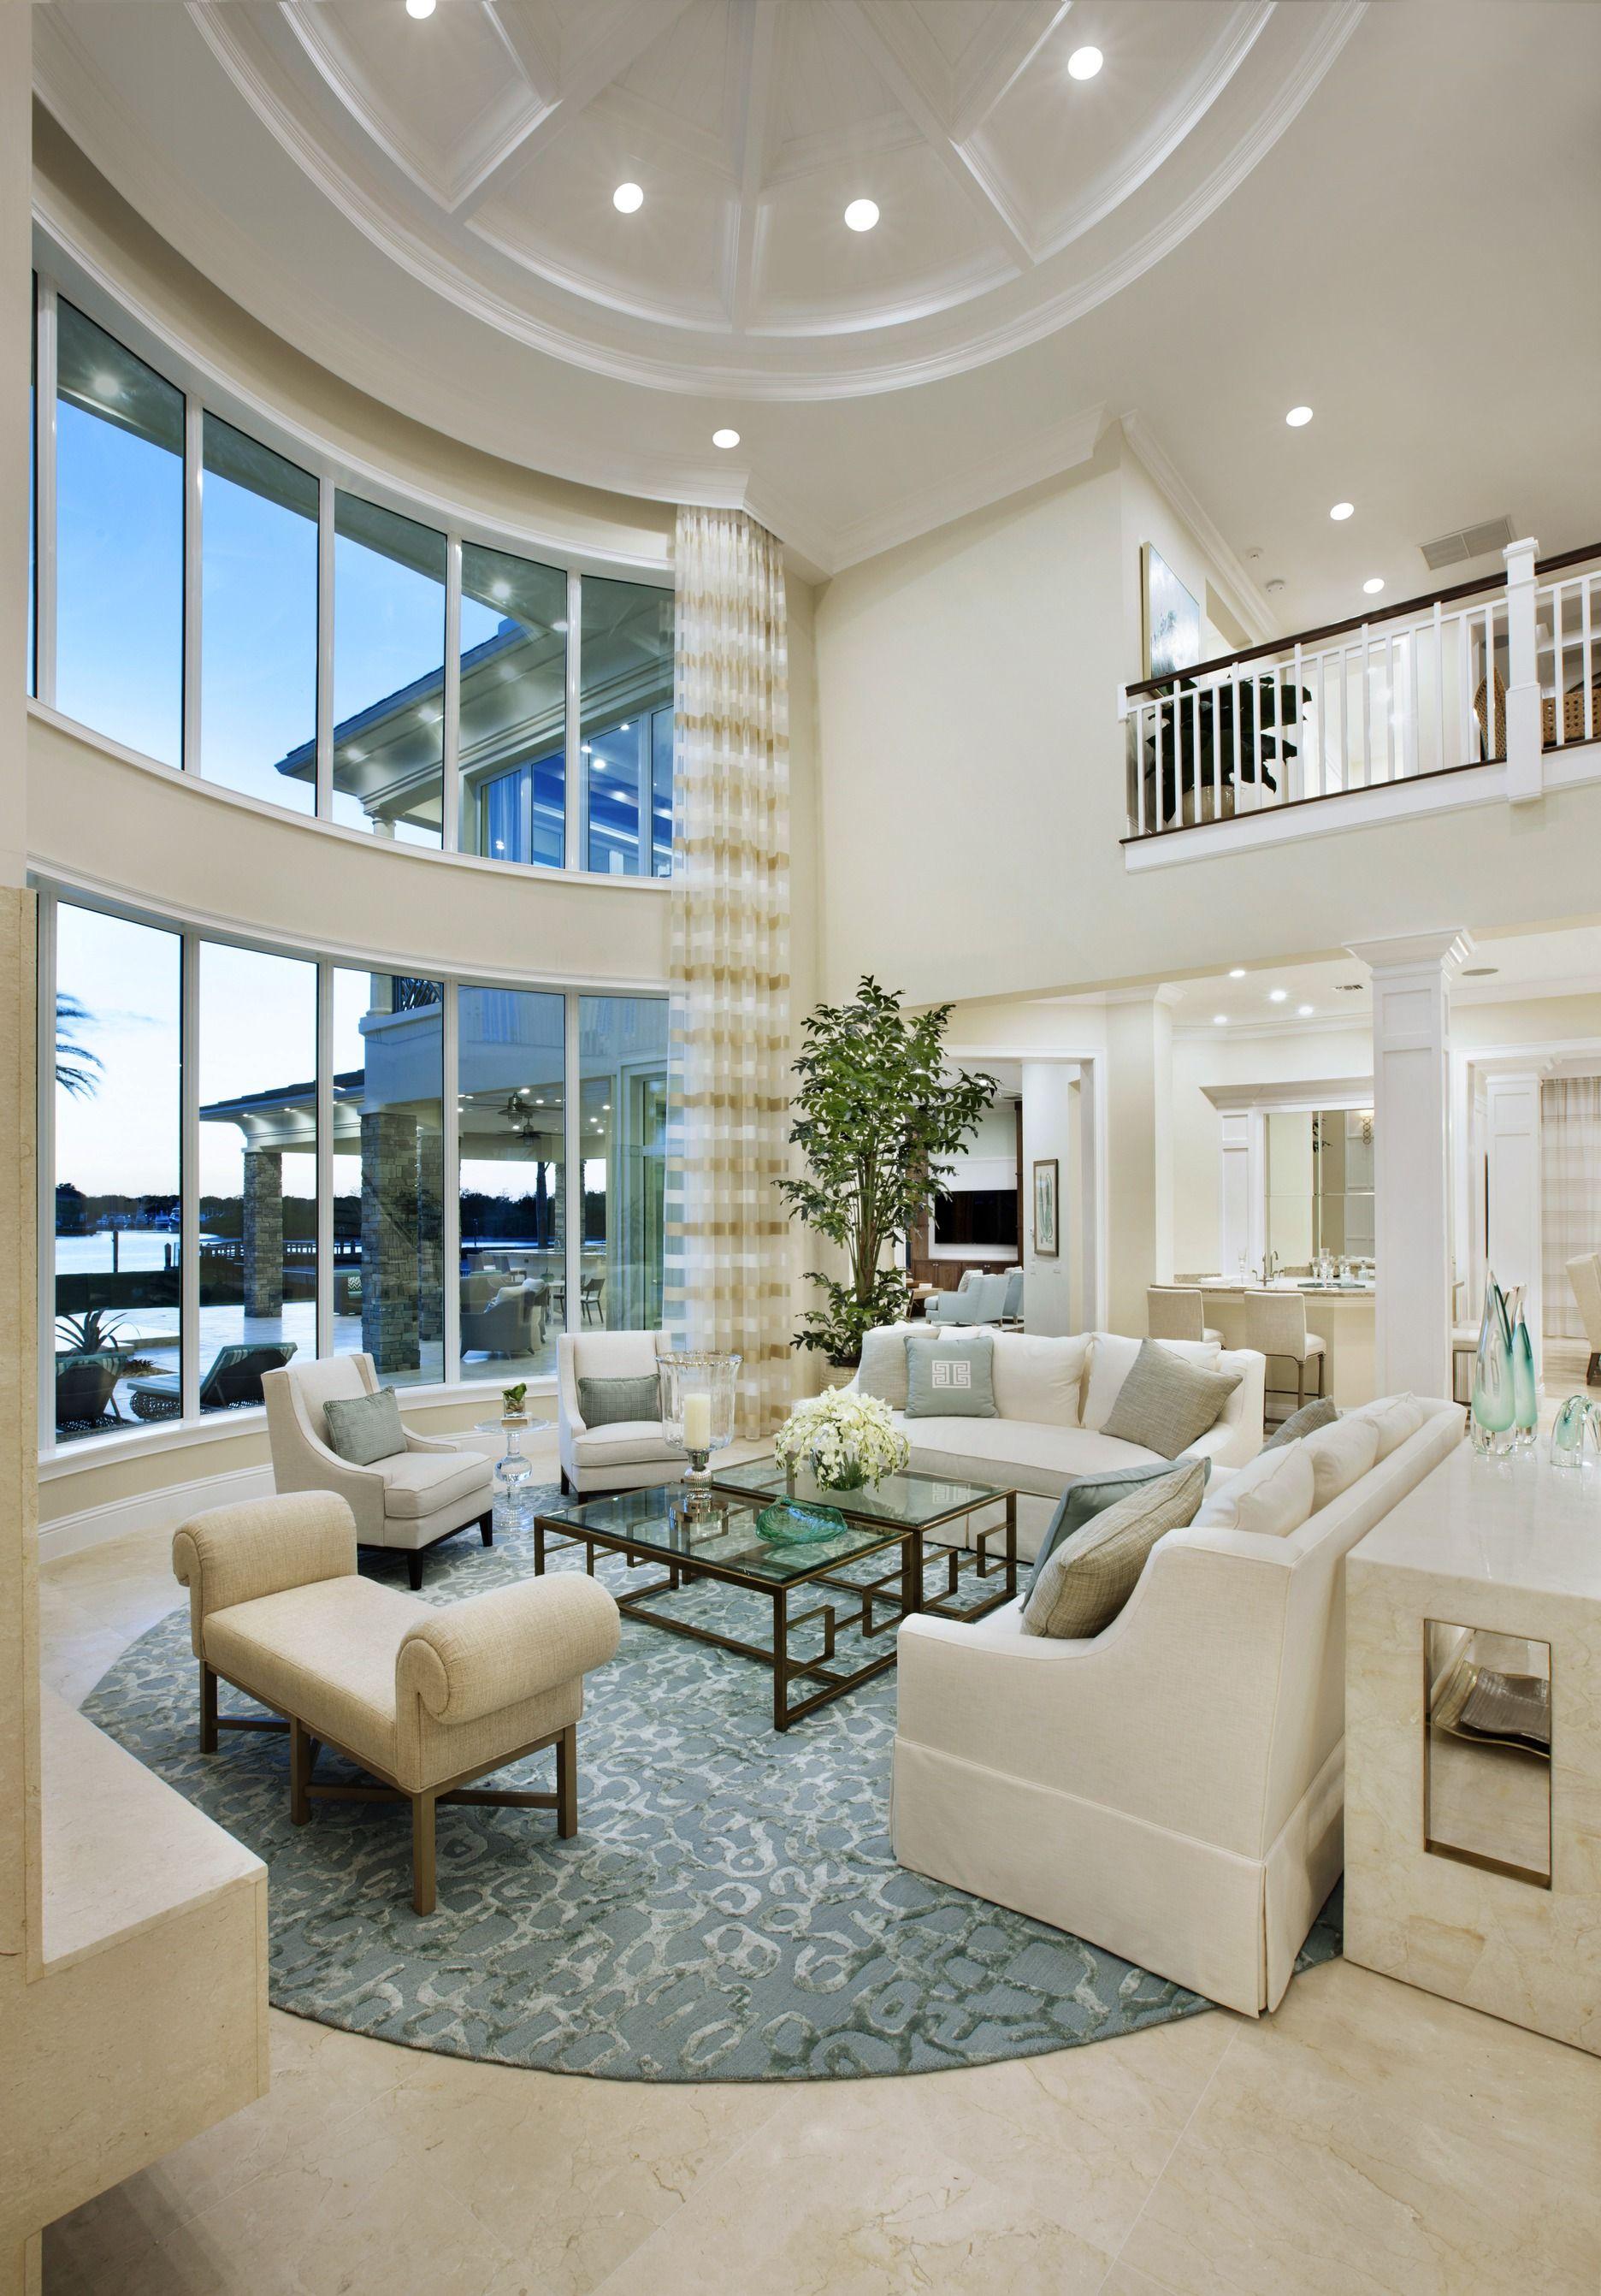 55+ Beautiful Minimalist Living Room Ideas For Your Dream ... on Minimalist Living Room  id=68824